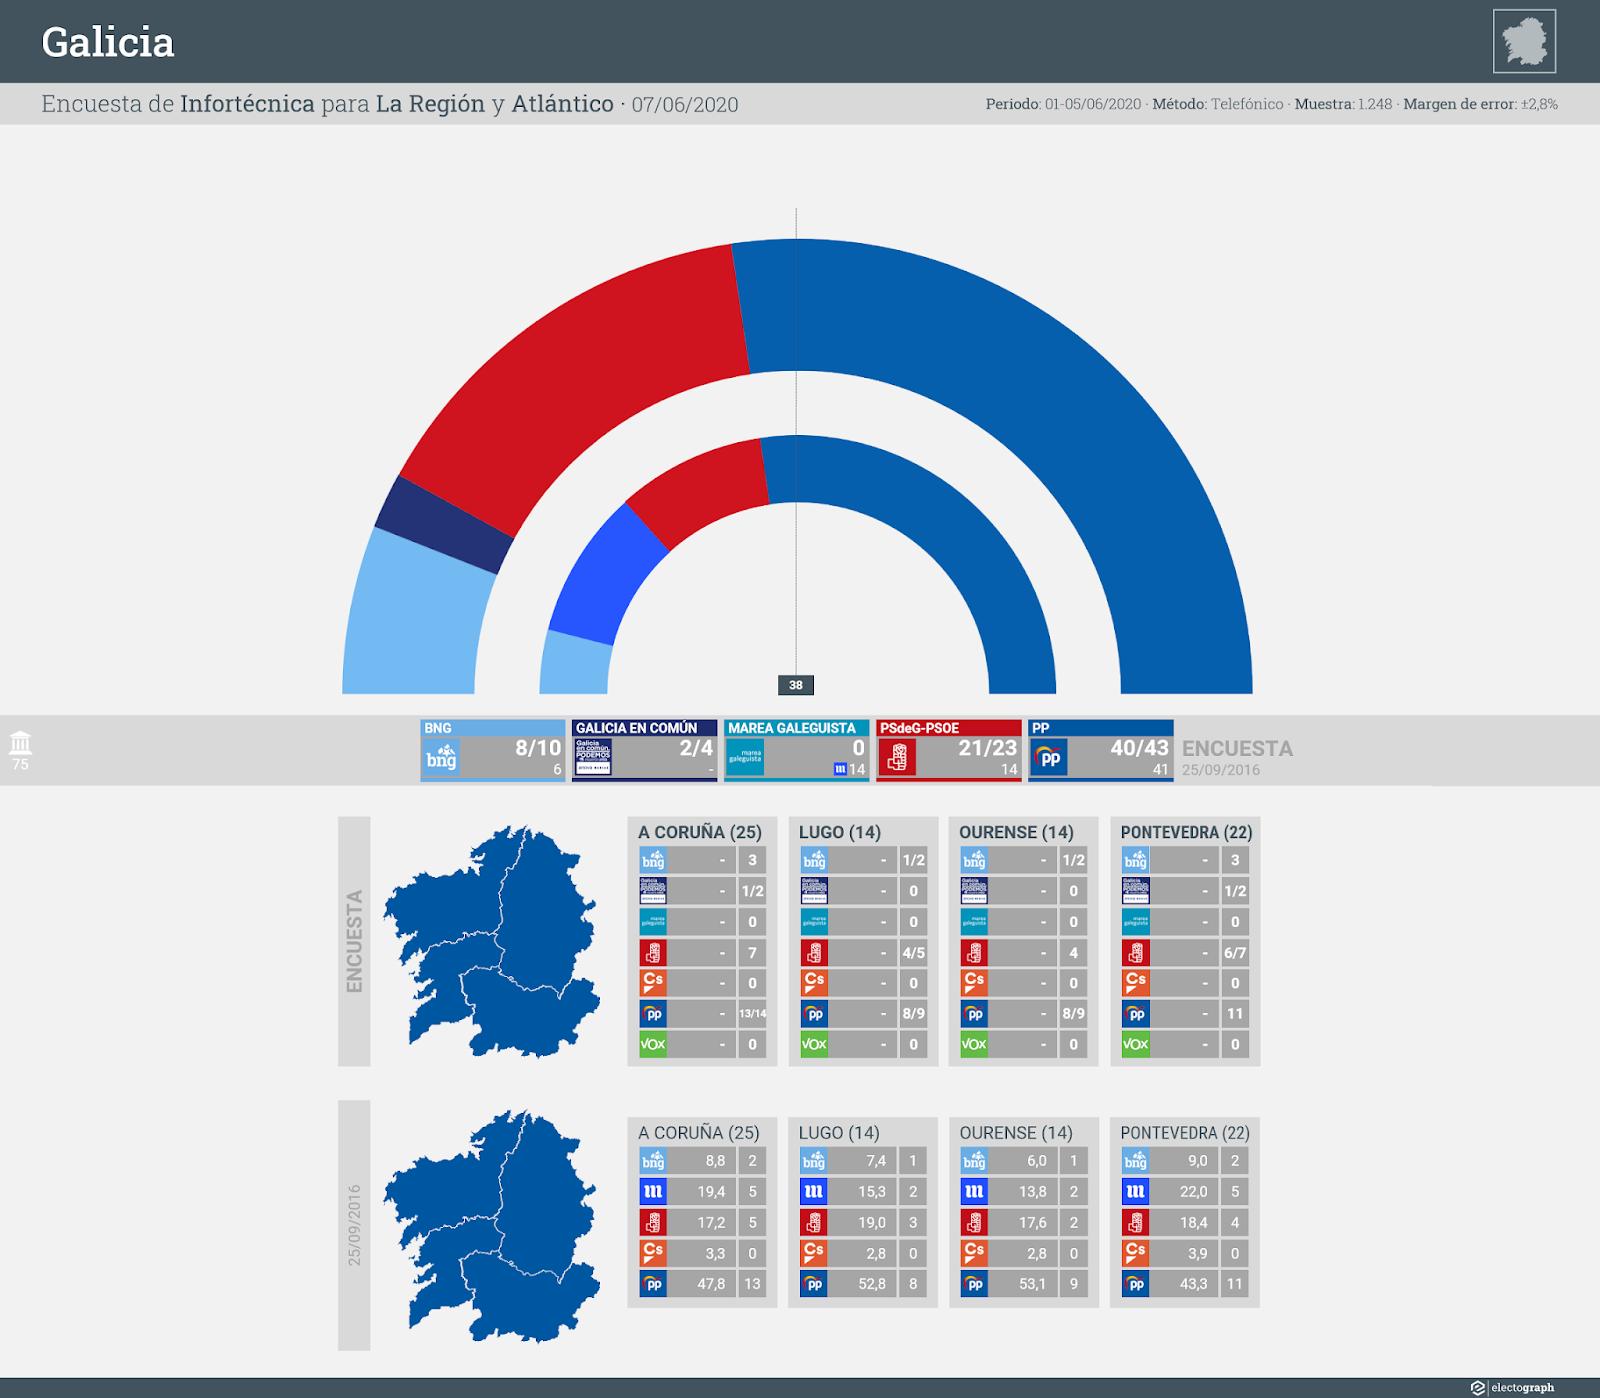 Gráfico de la encuesta para elecciones autonómicas en Galicia realizada por Infortécnica para La Región y Atlántico, 7 de junio de 2020